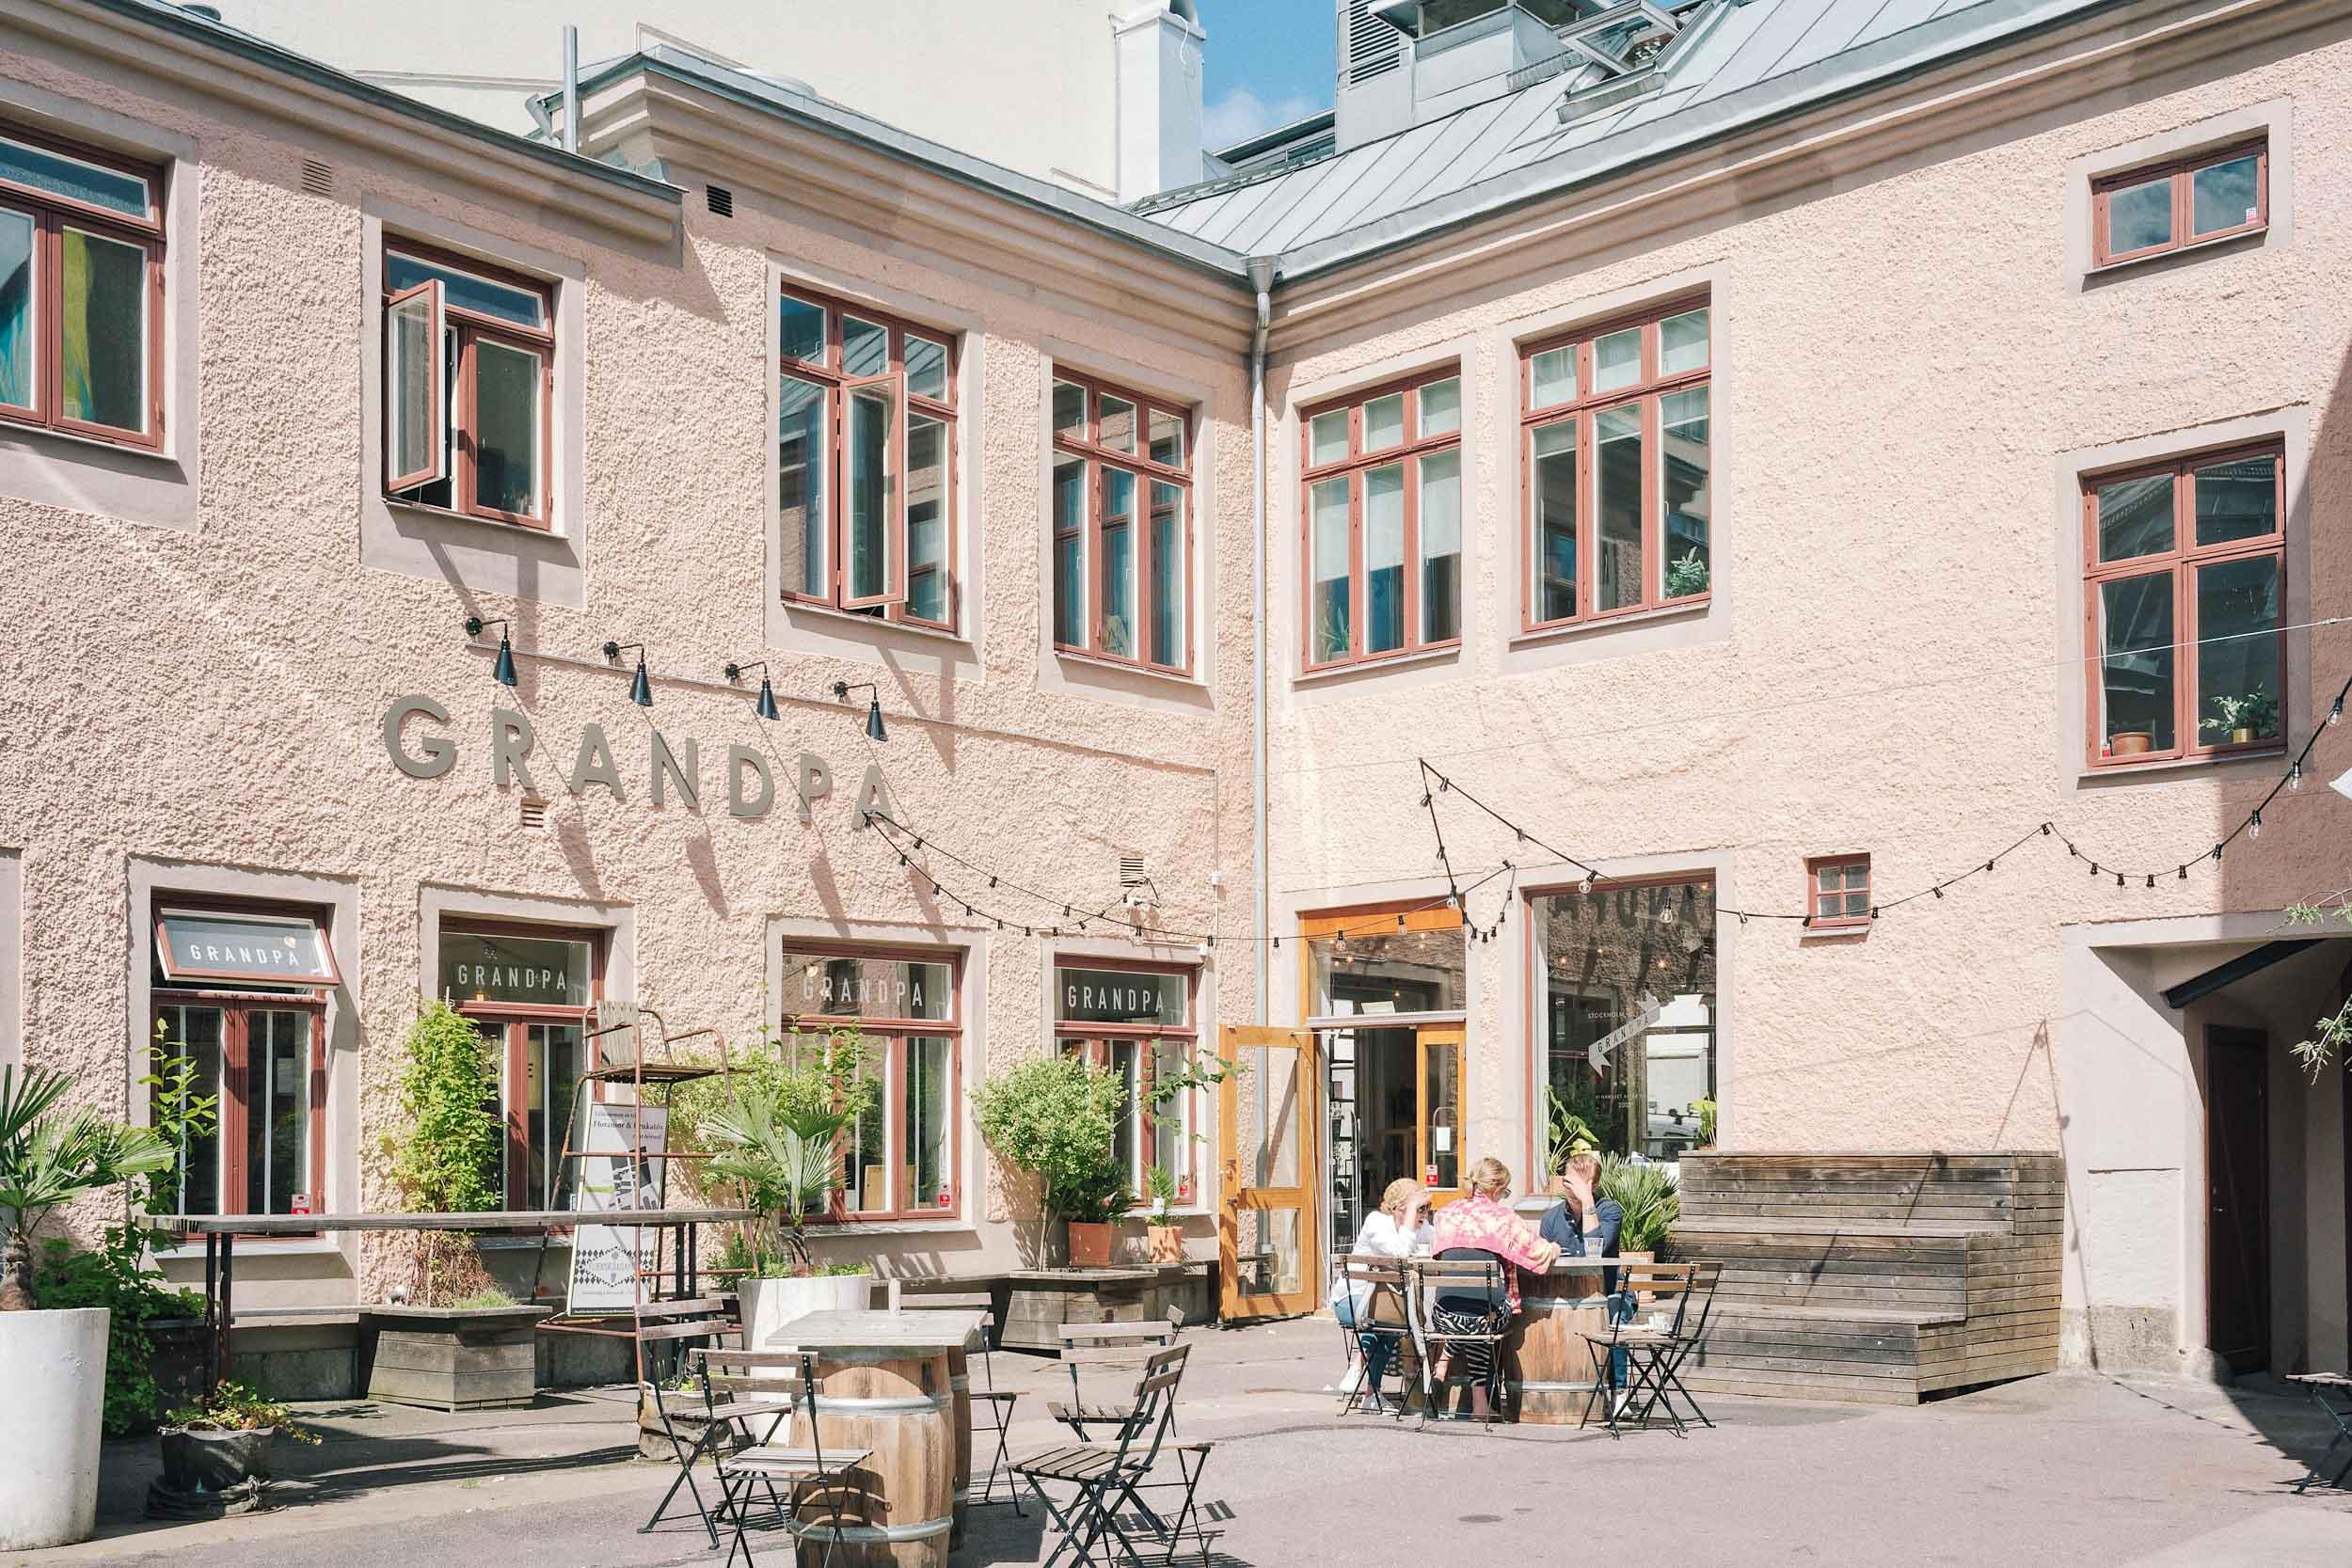 Grandpa in Gothenburg, Sweden